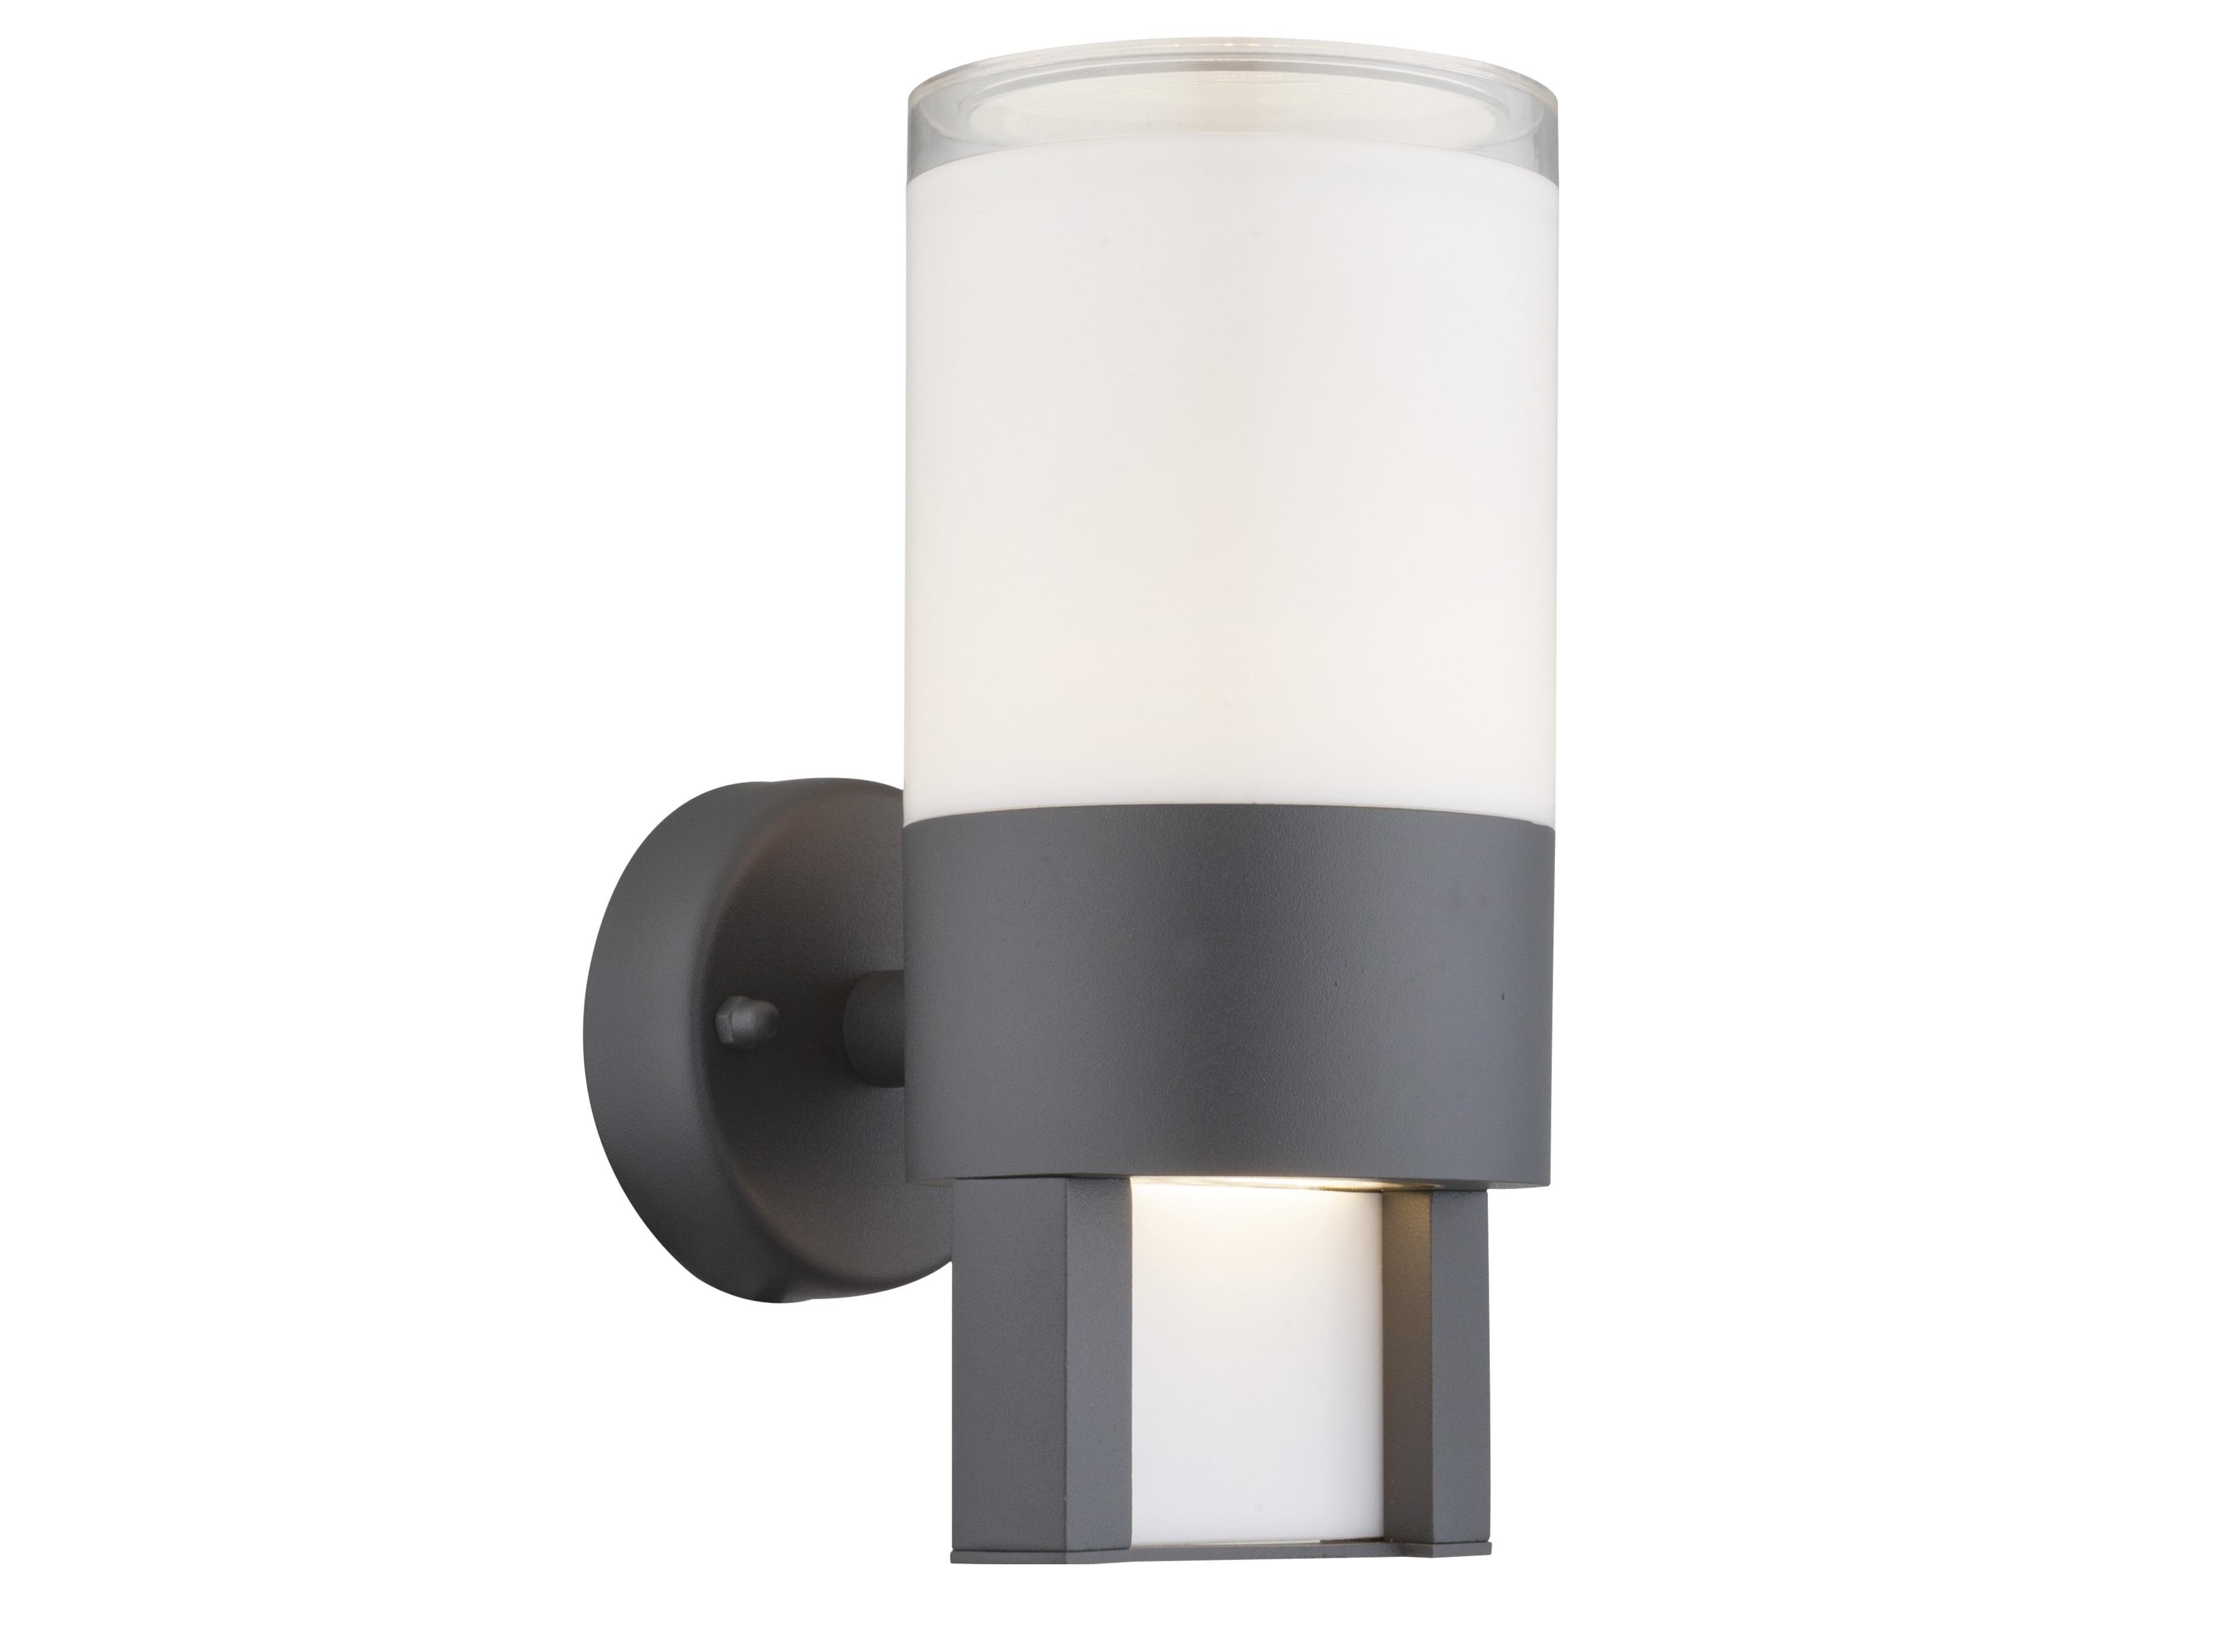 Светильник уличныйУличные настенные светильники<br>&amp;lt;div&amp;gt;Вид цоколя: LED&amp;lt;/div&amp;gt;&amp;lt;div&amp;gt;Мощность: 12W&amp;lt;/div&amp;gt;&amp;lt;div&amp;gt;Количество ламп: 1&amp;lt;/div&amp;gt;&amp;lt;div&amp;gt;&amp;lt;br&amp;gt;&amp;lt;/div&amp;gt;&amp;lt;div&amp;gt;Материал: металл, стекло&amp;lt;/div&amp;gt;<br><br>Material: Металл<br>Height см: 22,5<br>Diameter см: 10